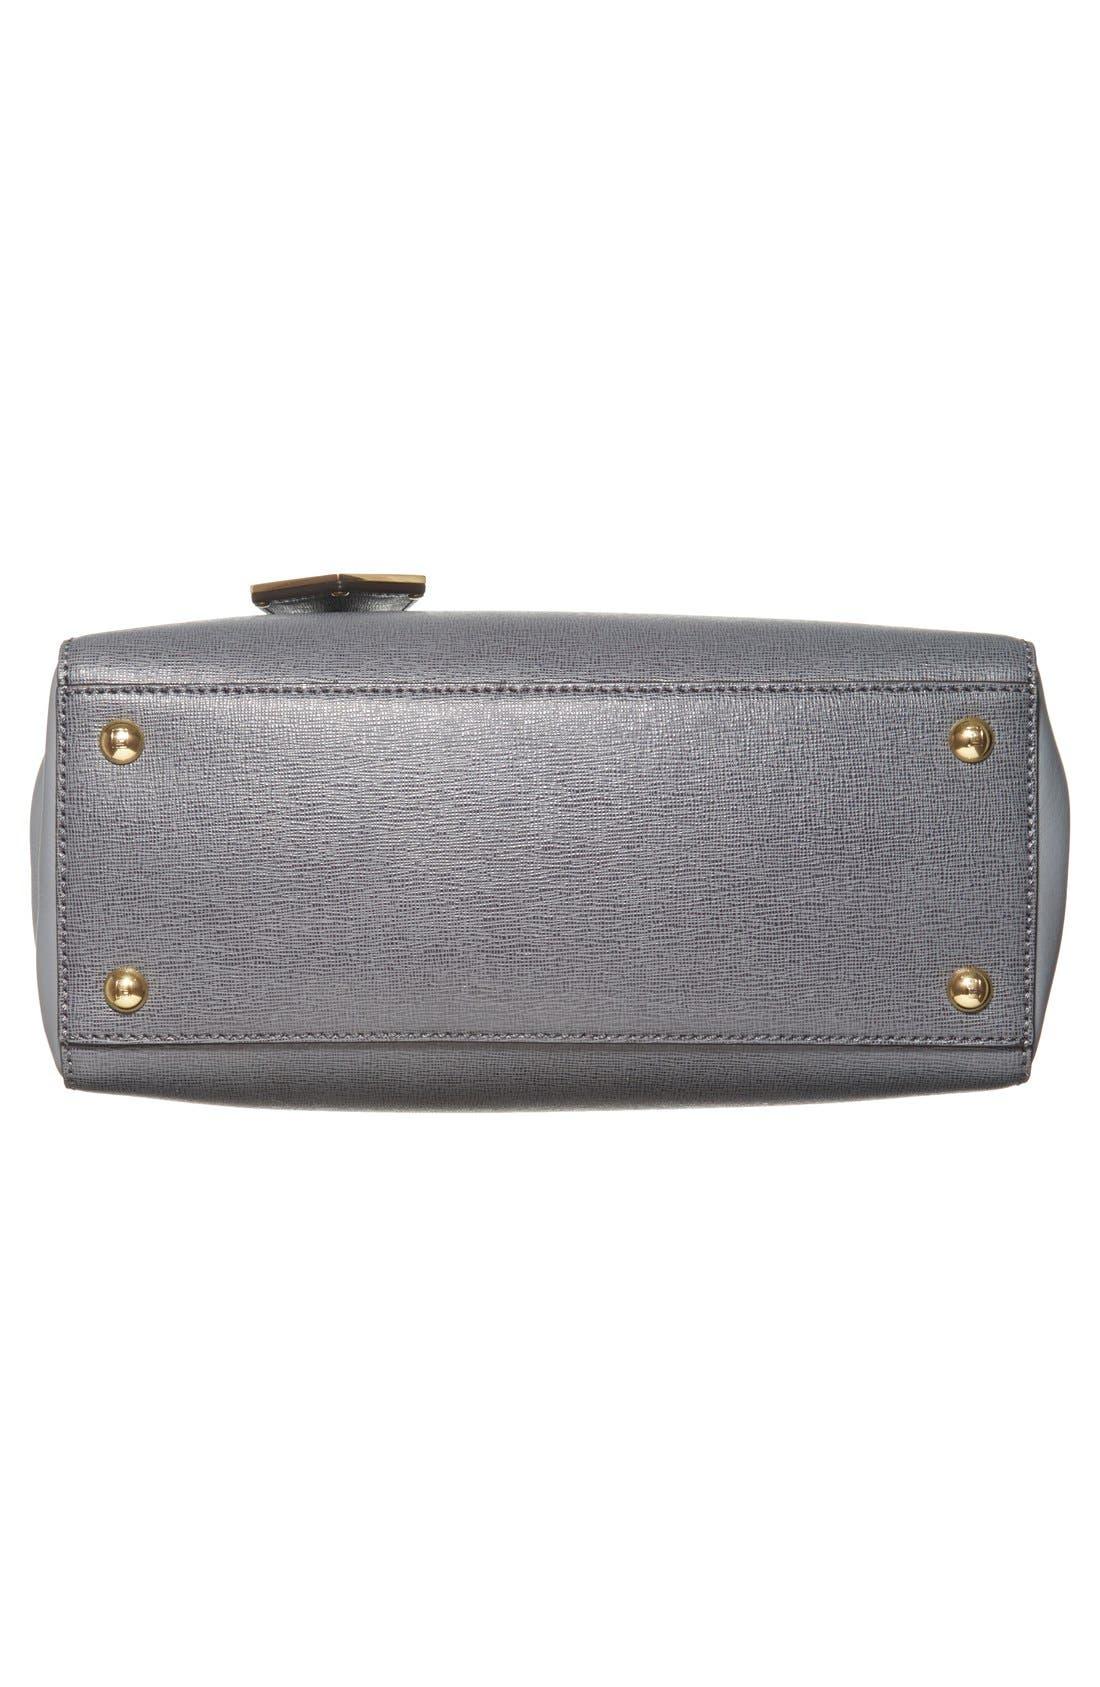 'Petite 2Jours Elite' Leather Shopper,                             Alternate thumbnail 6, color,                             Grey/ Gold Hdwr